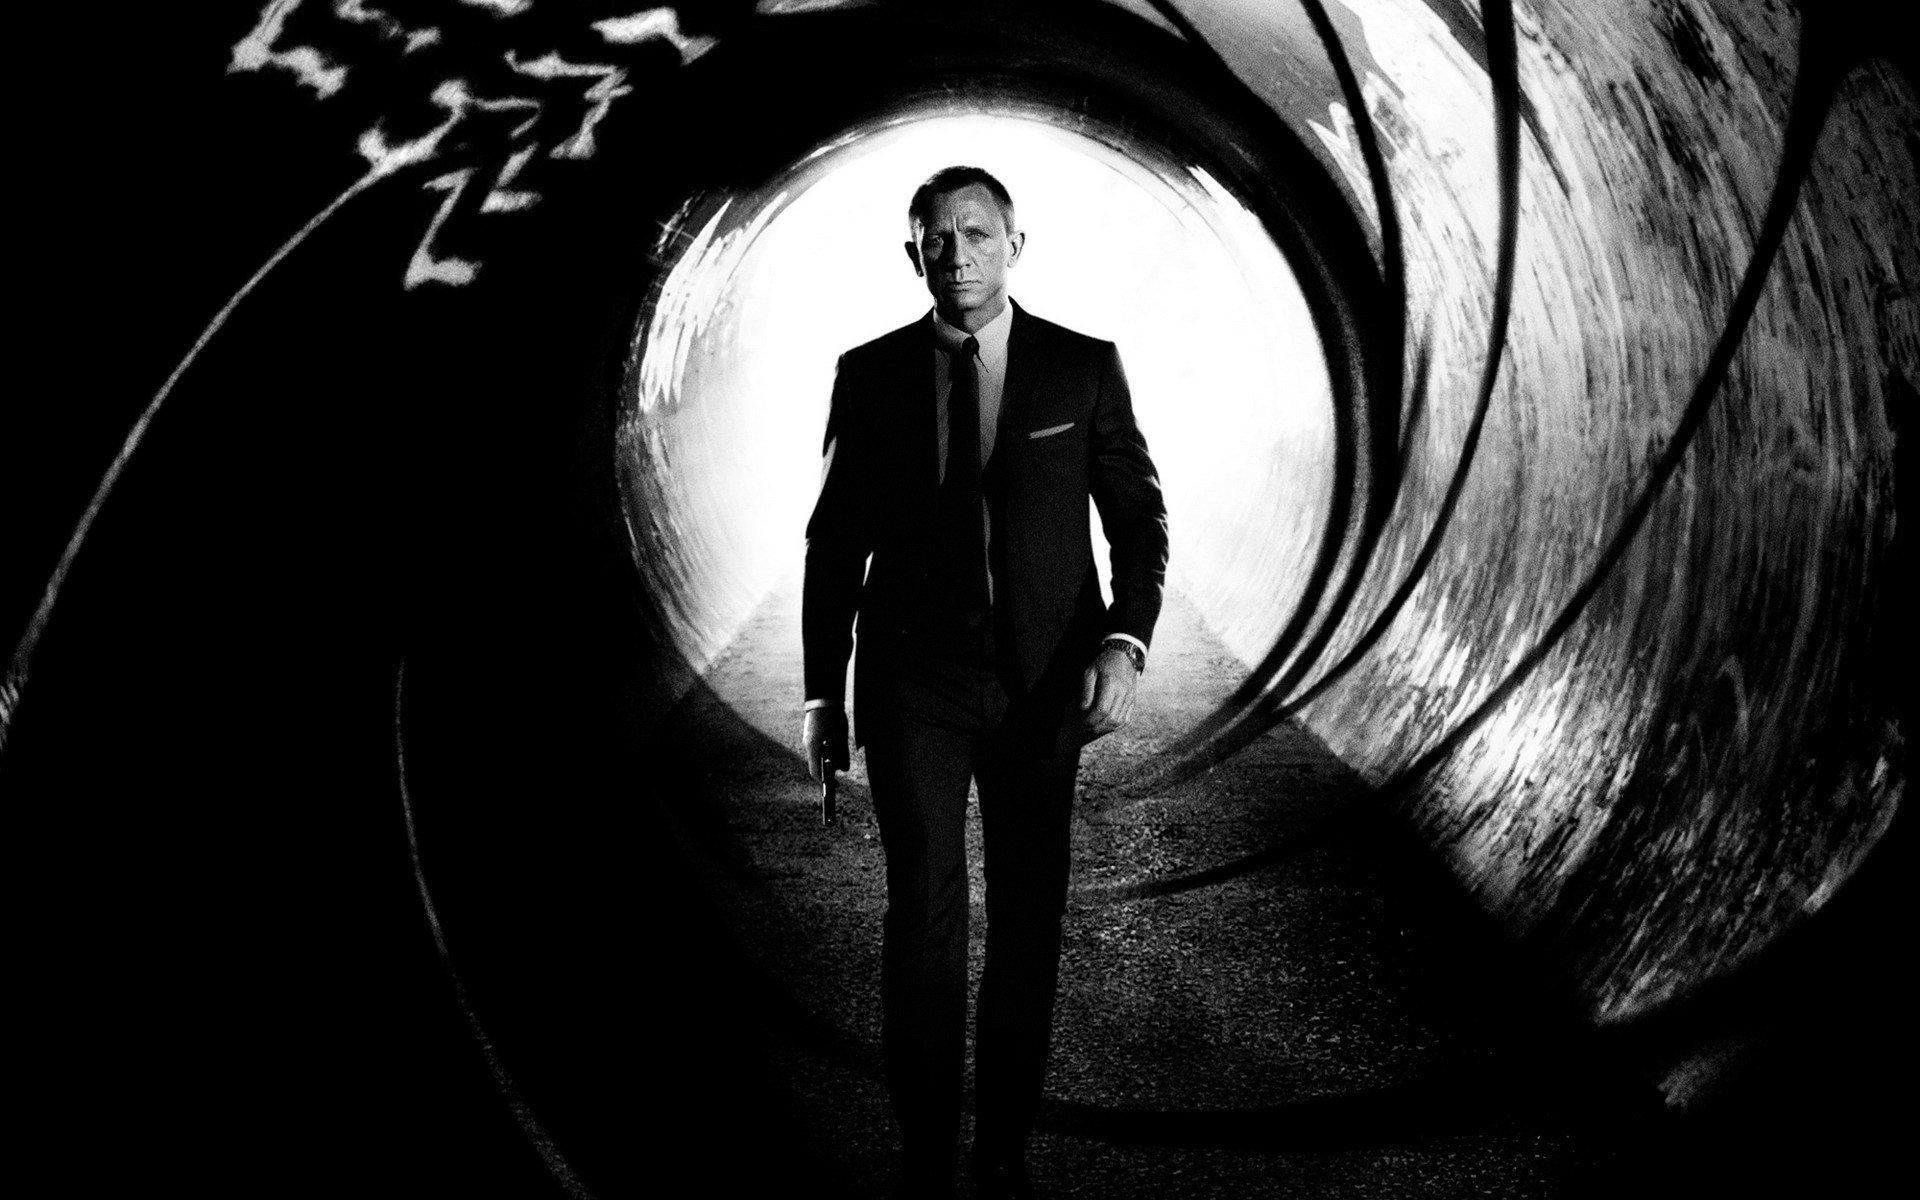 007 СПЕКТР рецензия отзывы обзор отвратительные мужики